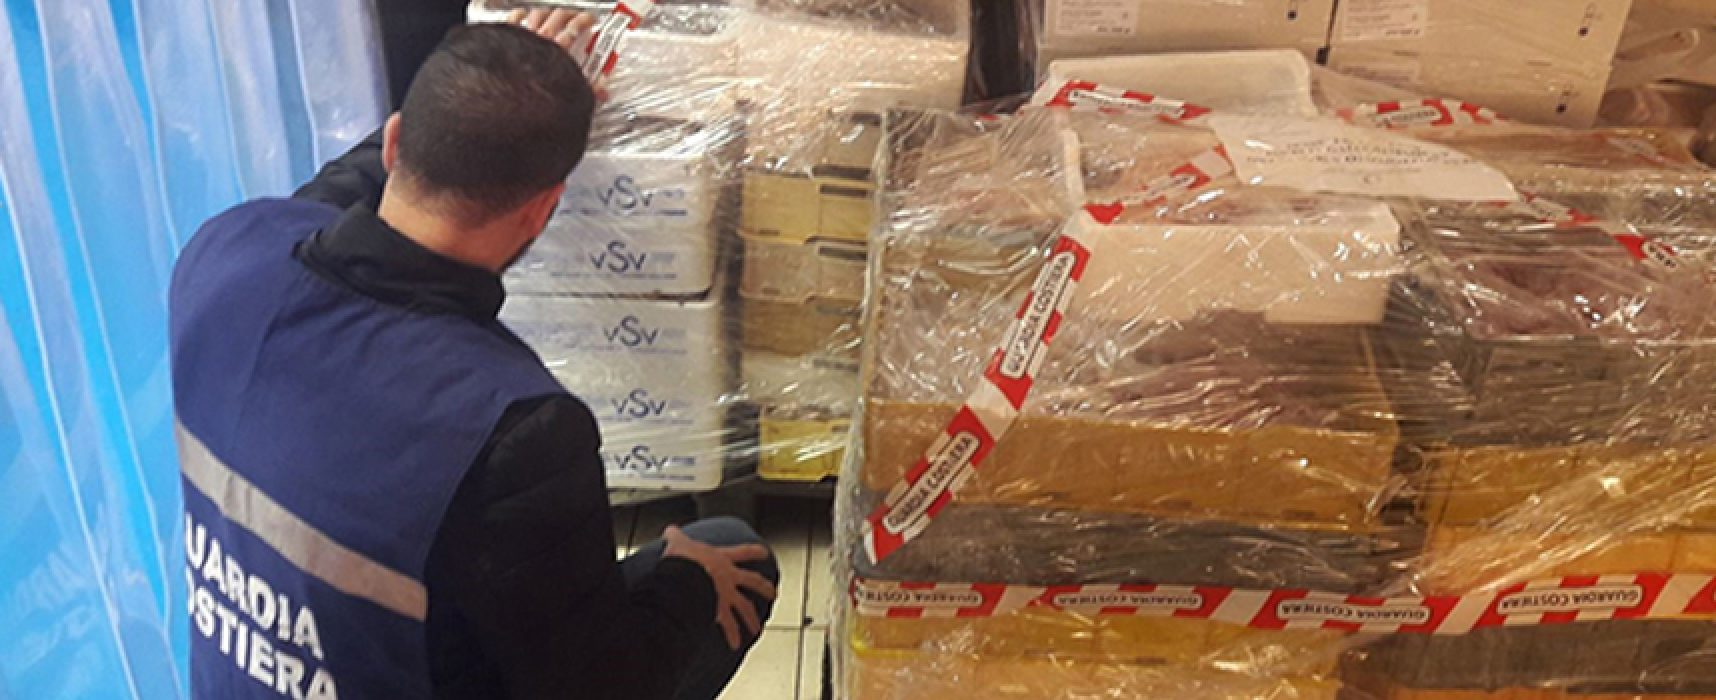 Finge malore durante controllo, 450 chili di prodotti ittici confiscati in magazzino biscegliese